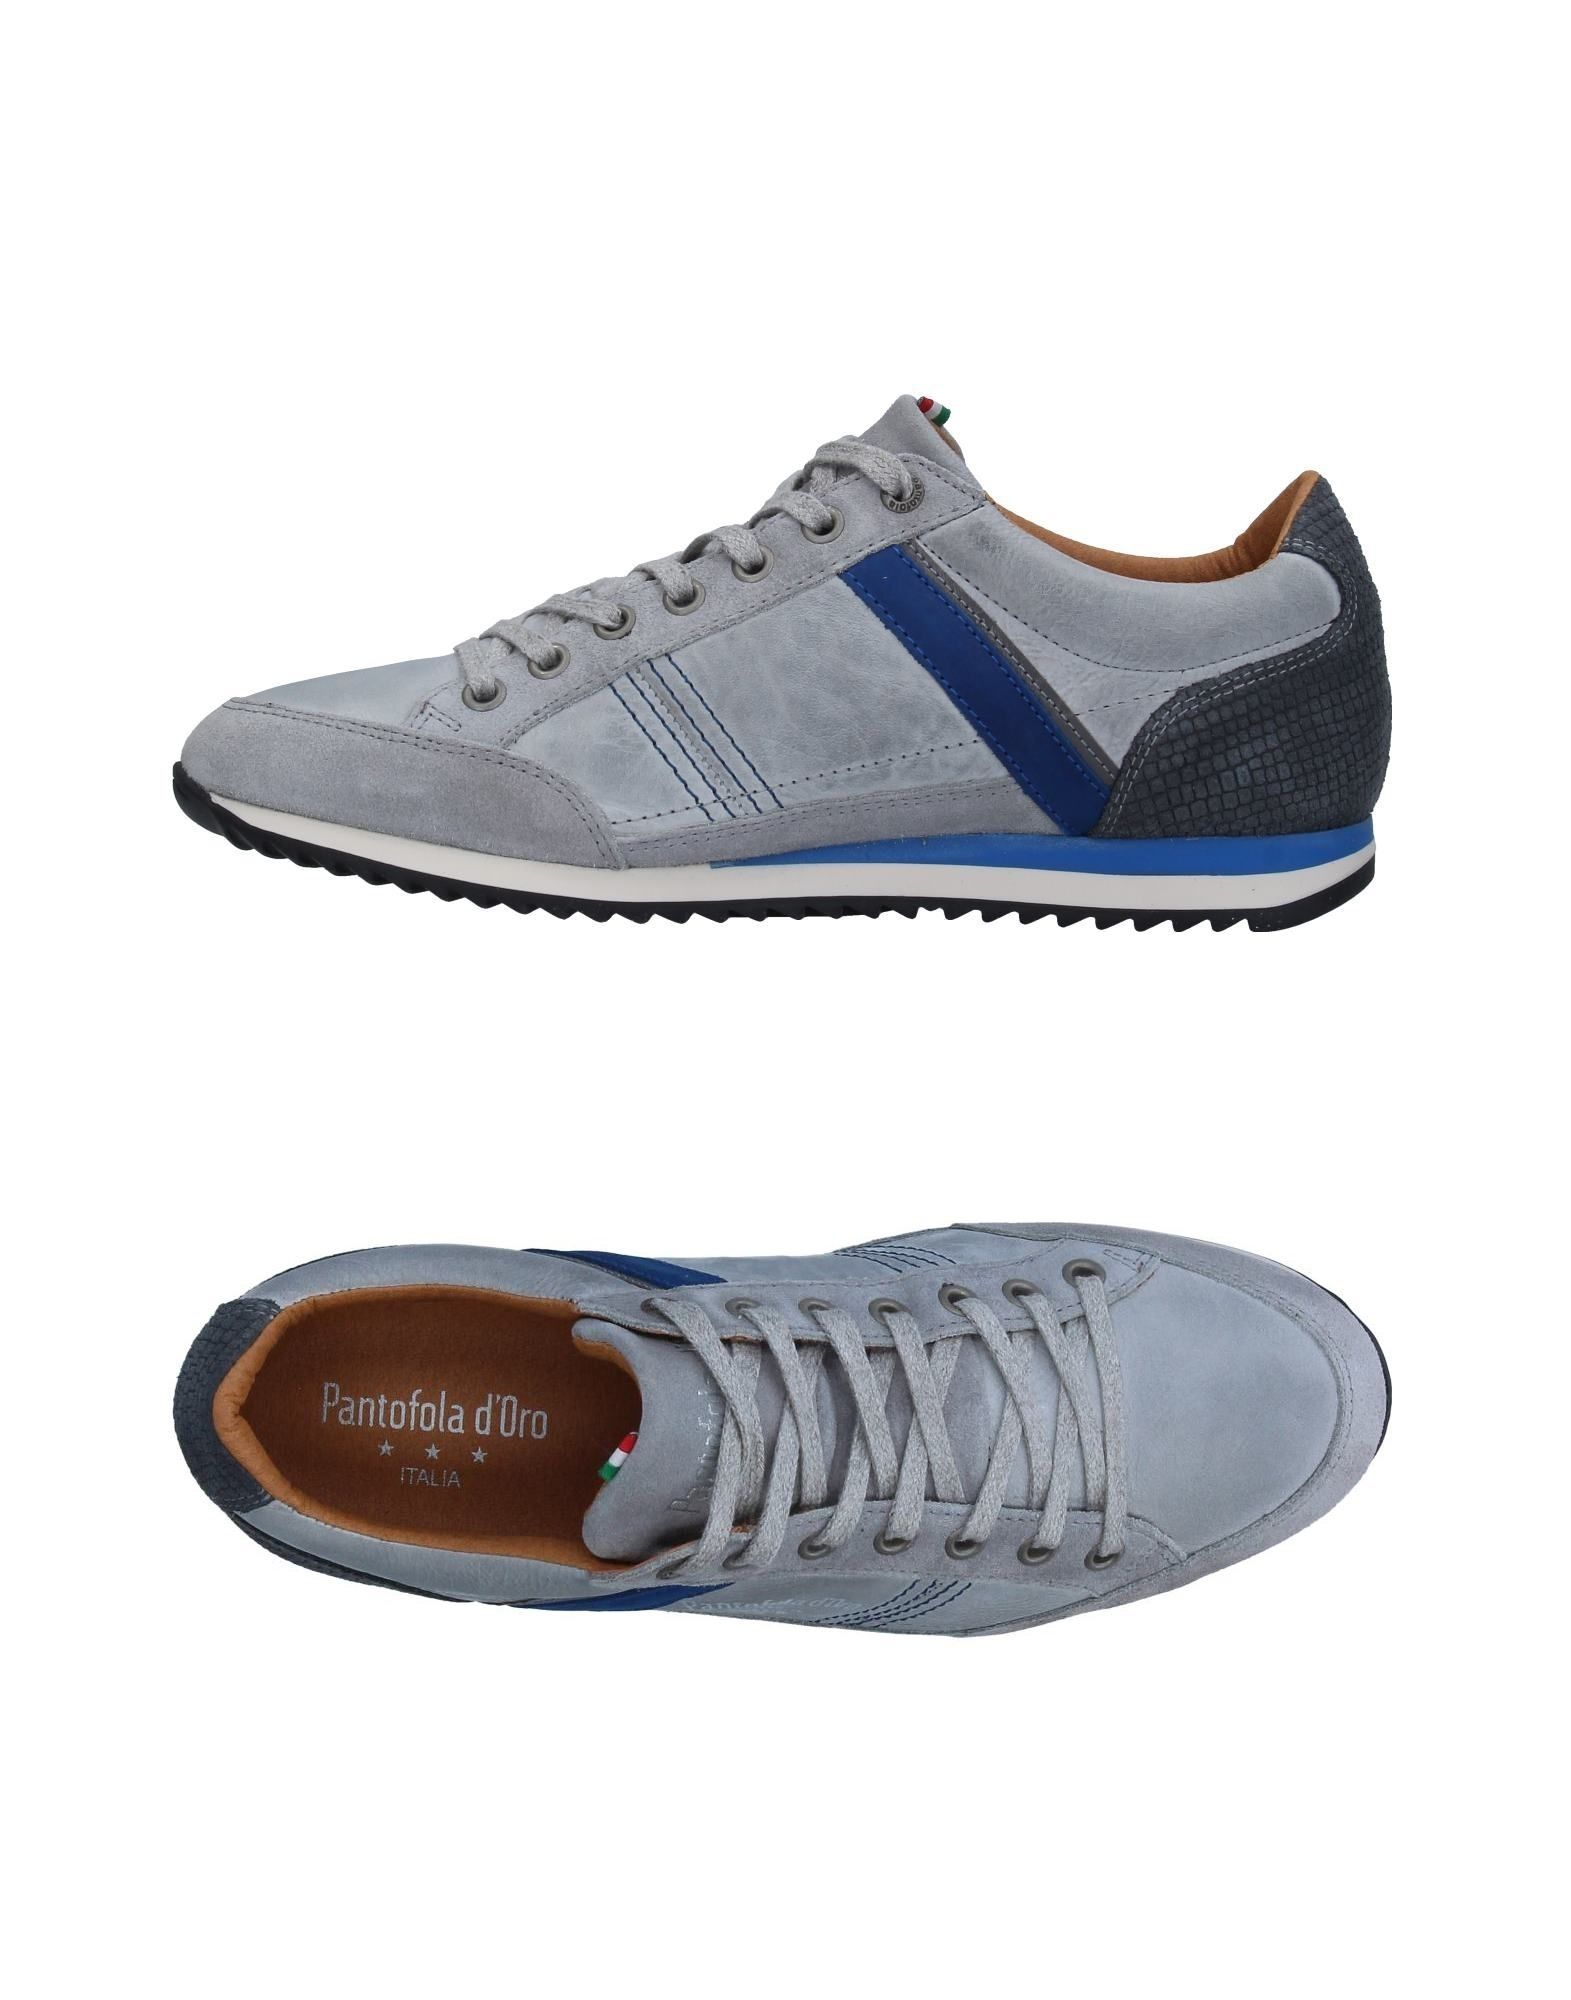 Rabatt echte Schuhe Pantofola D'oro Sneakers Herren  11338576VG